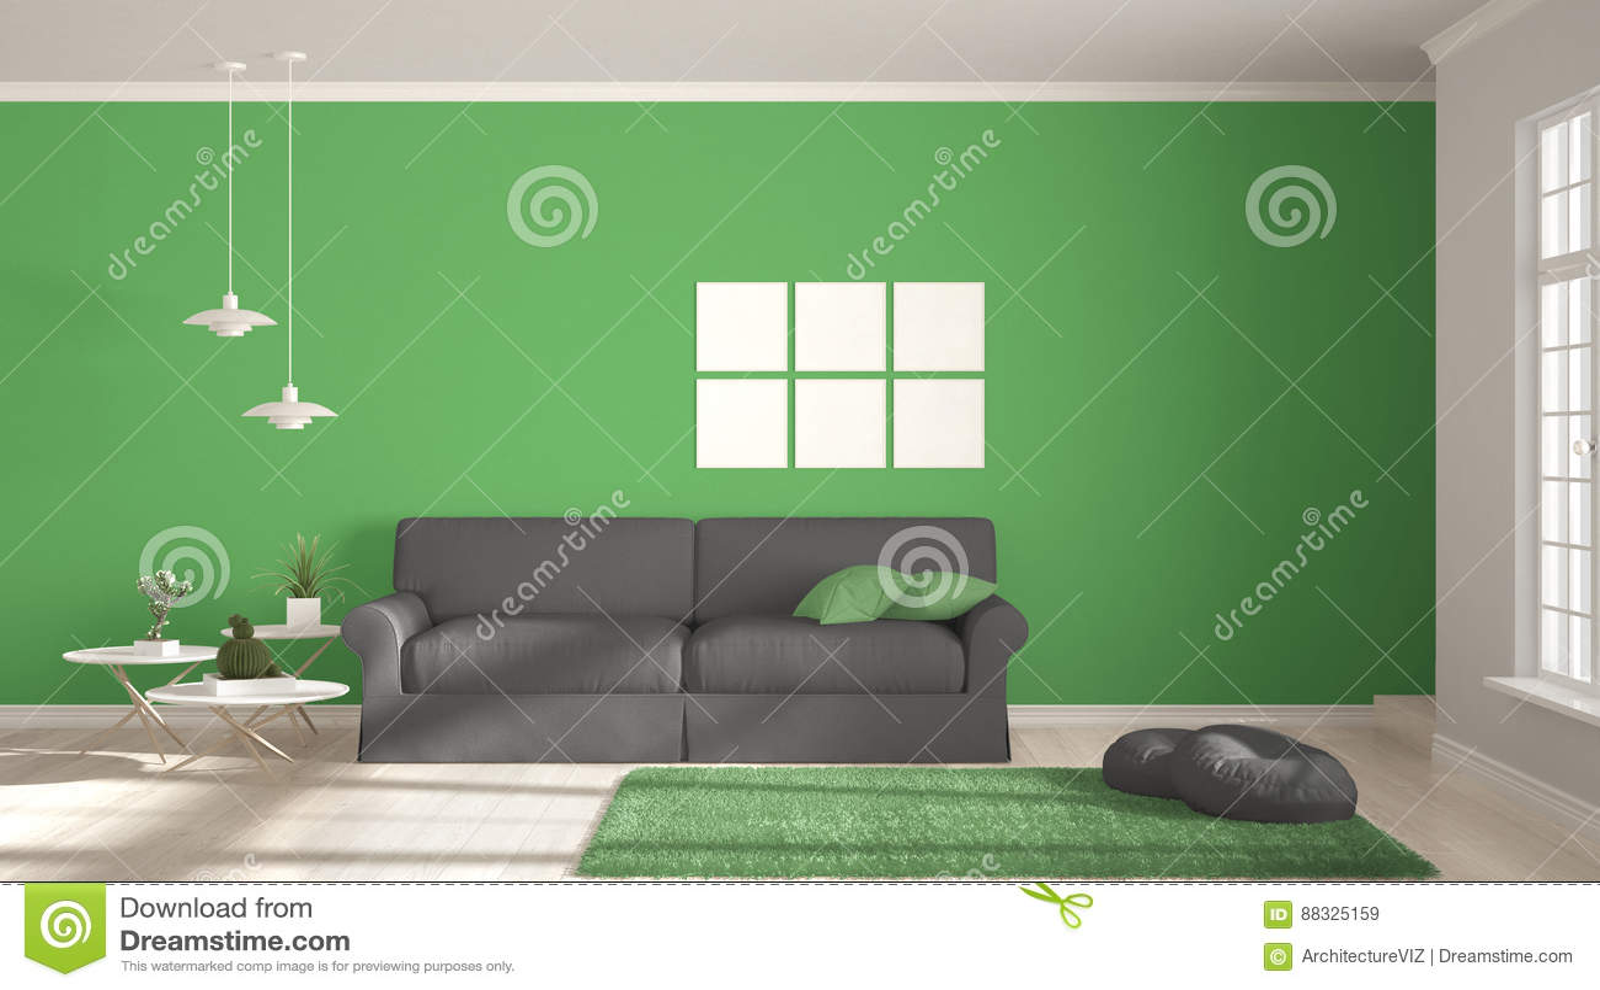 Μινιμαλιστικό δωμάτιο, απλή άσπρη, γκρίζα και πράσινη διαβίωση με τα μεγάλα WI